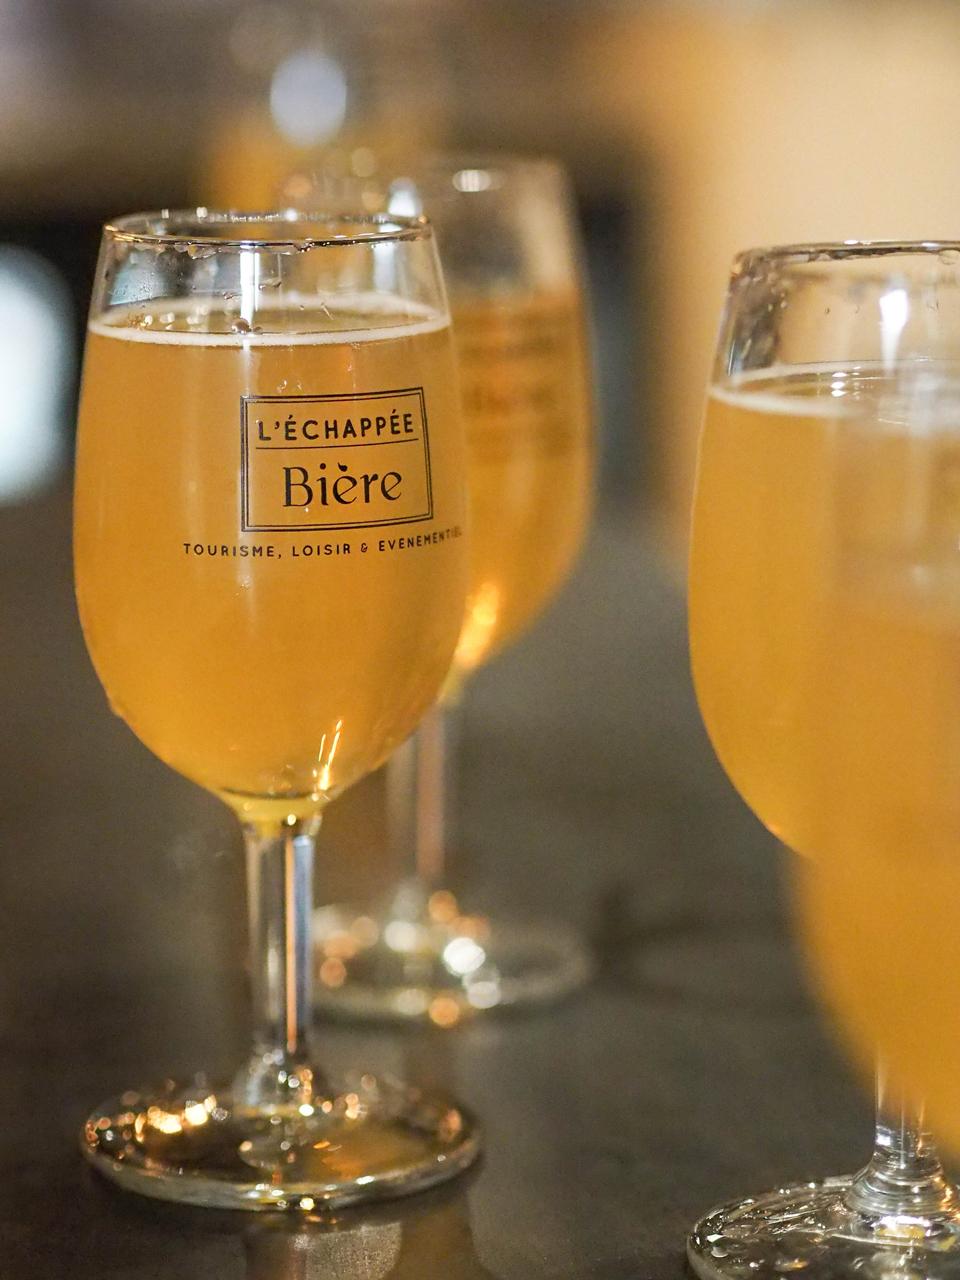 L'échappée Bière Bordeaux